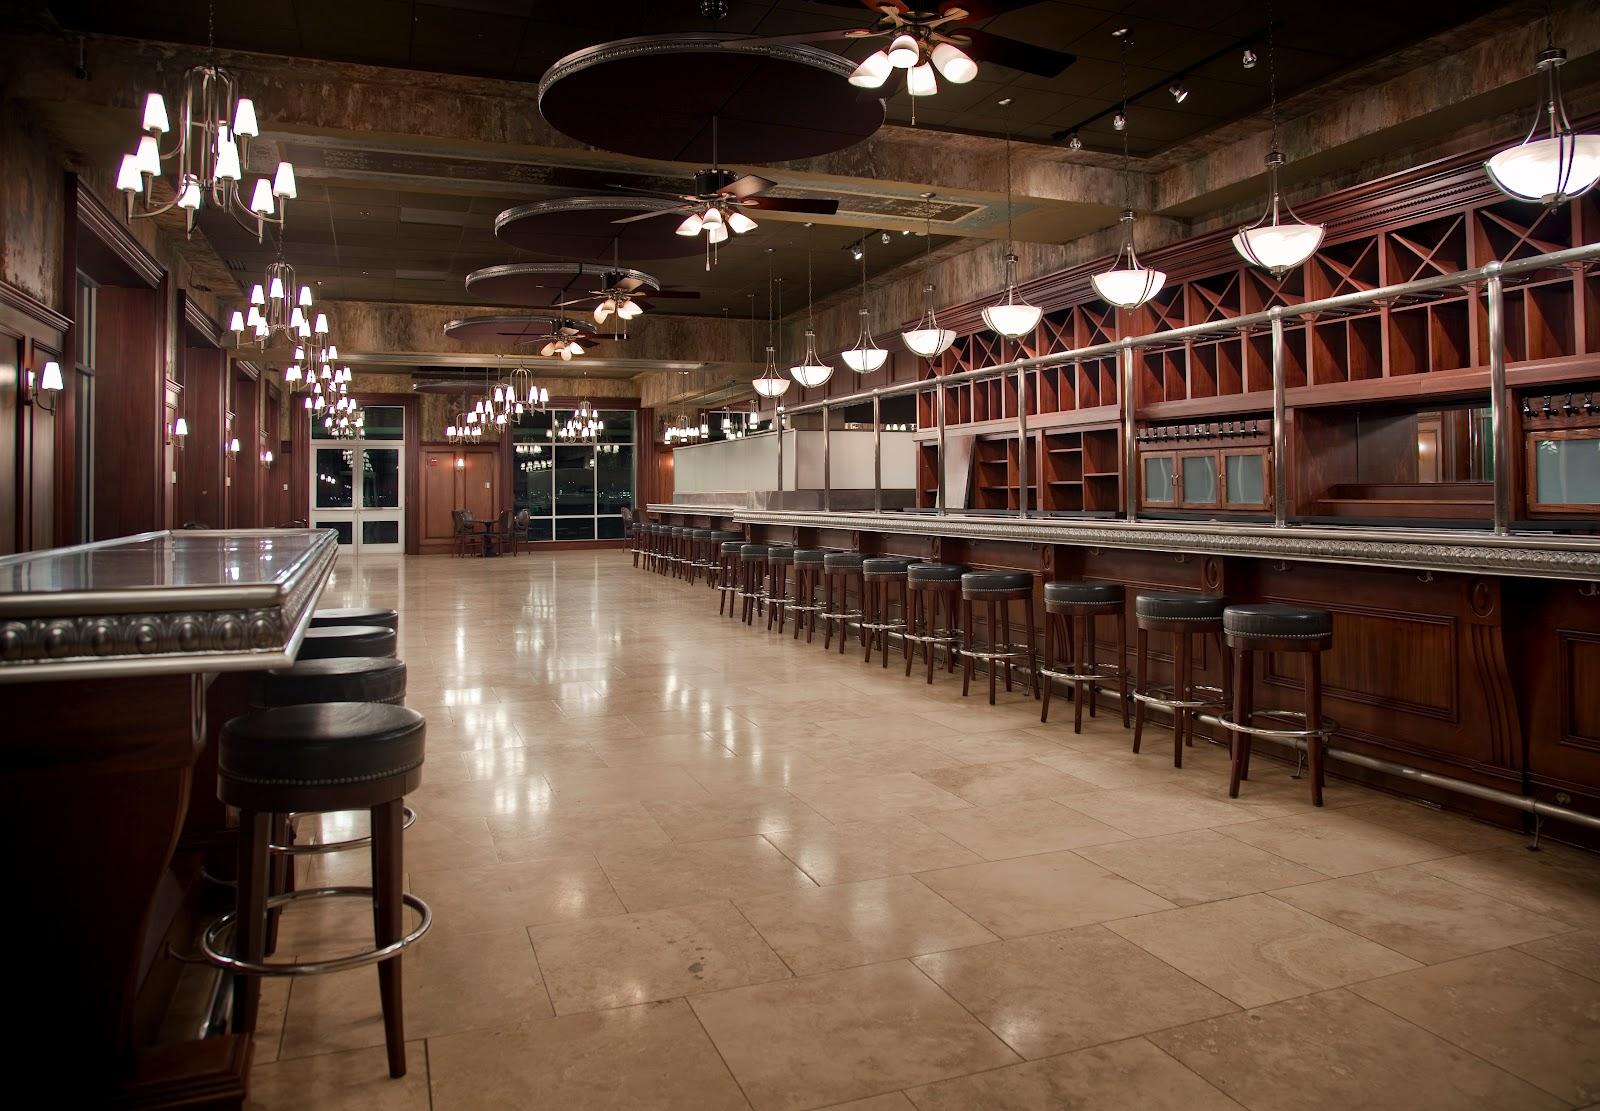 ballroombar.jpg